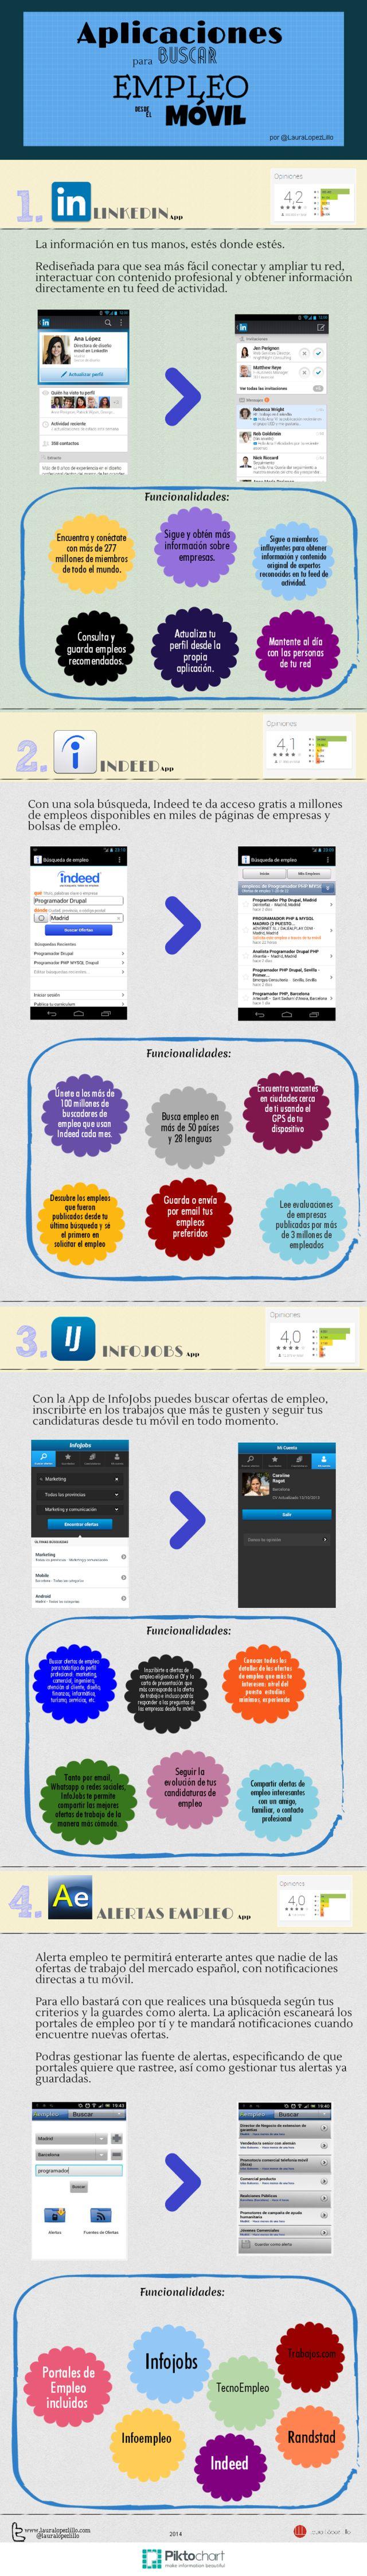 Apicaciones para buscar empleo en el móvil  #infografia #infographic #empleo #trabajo